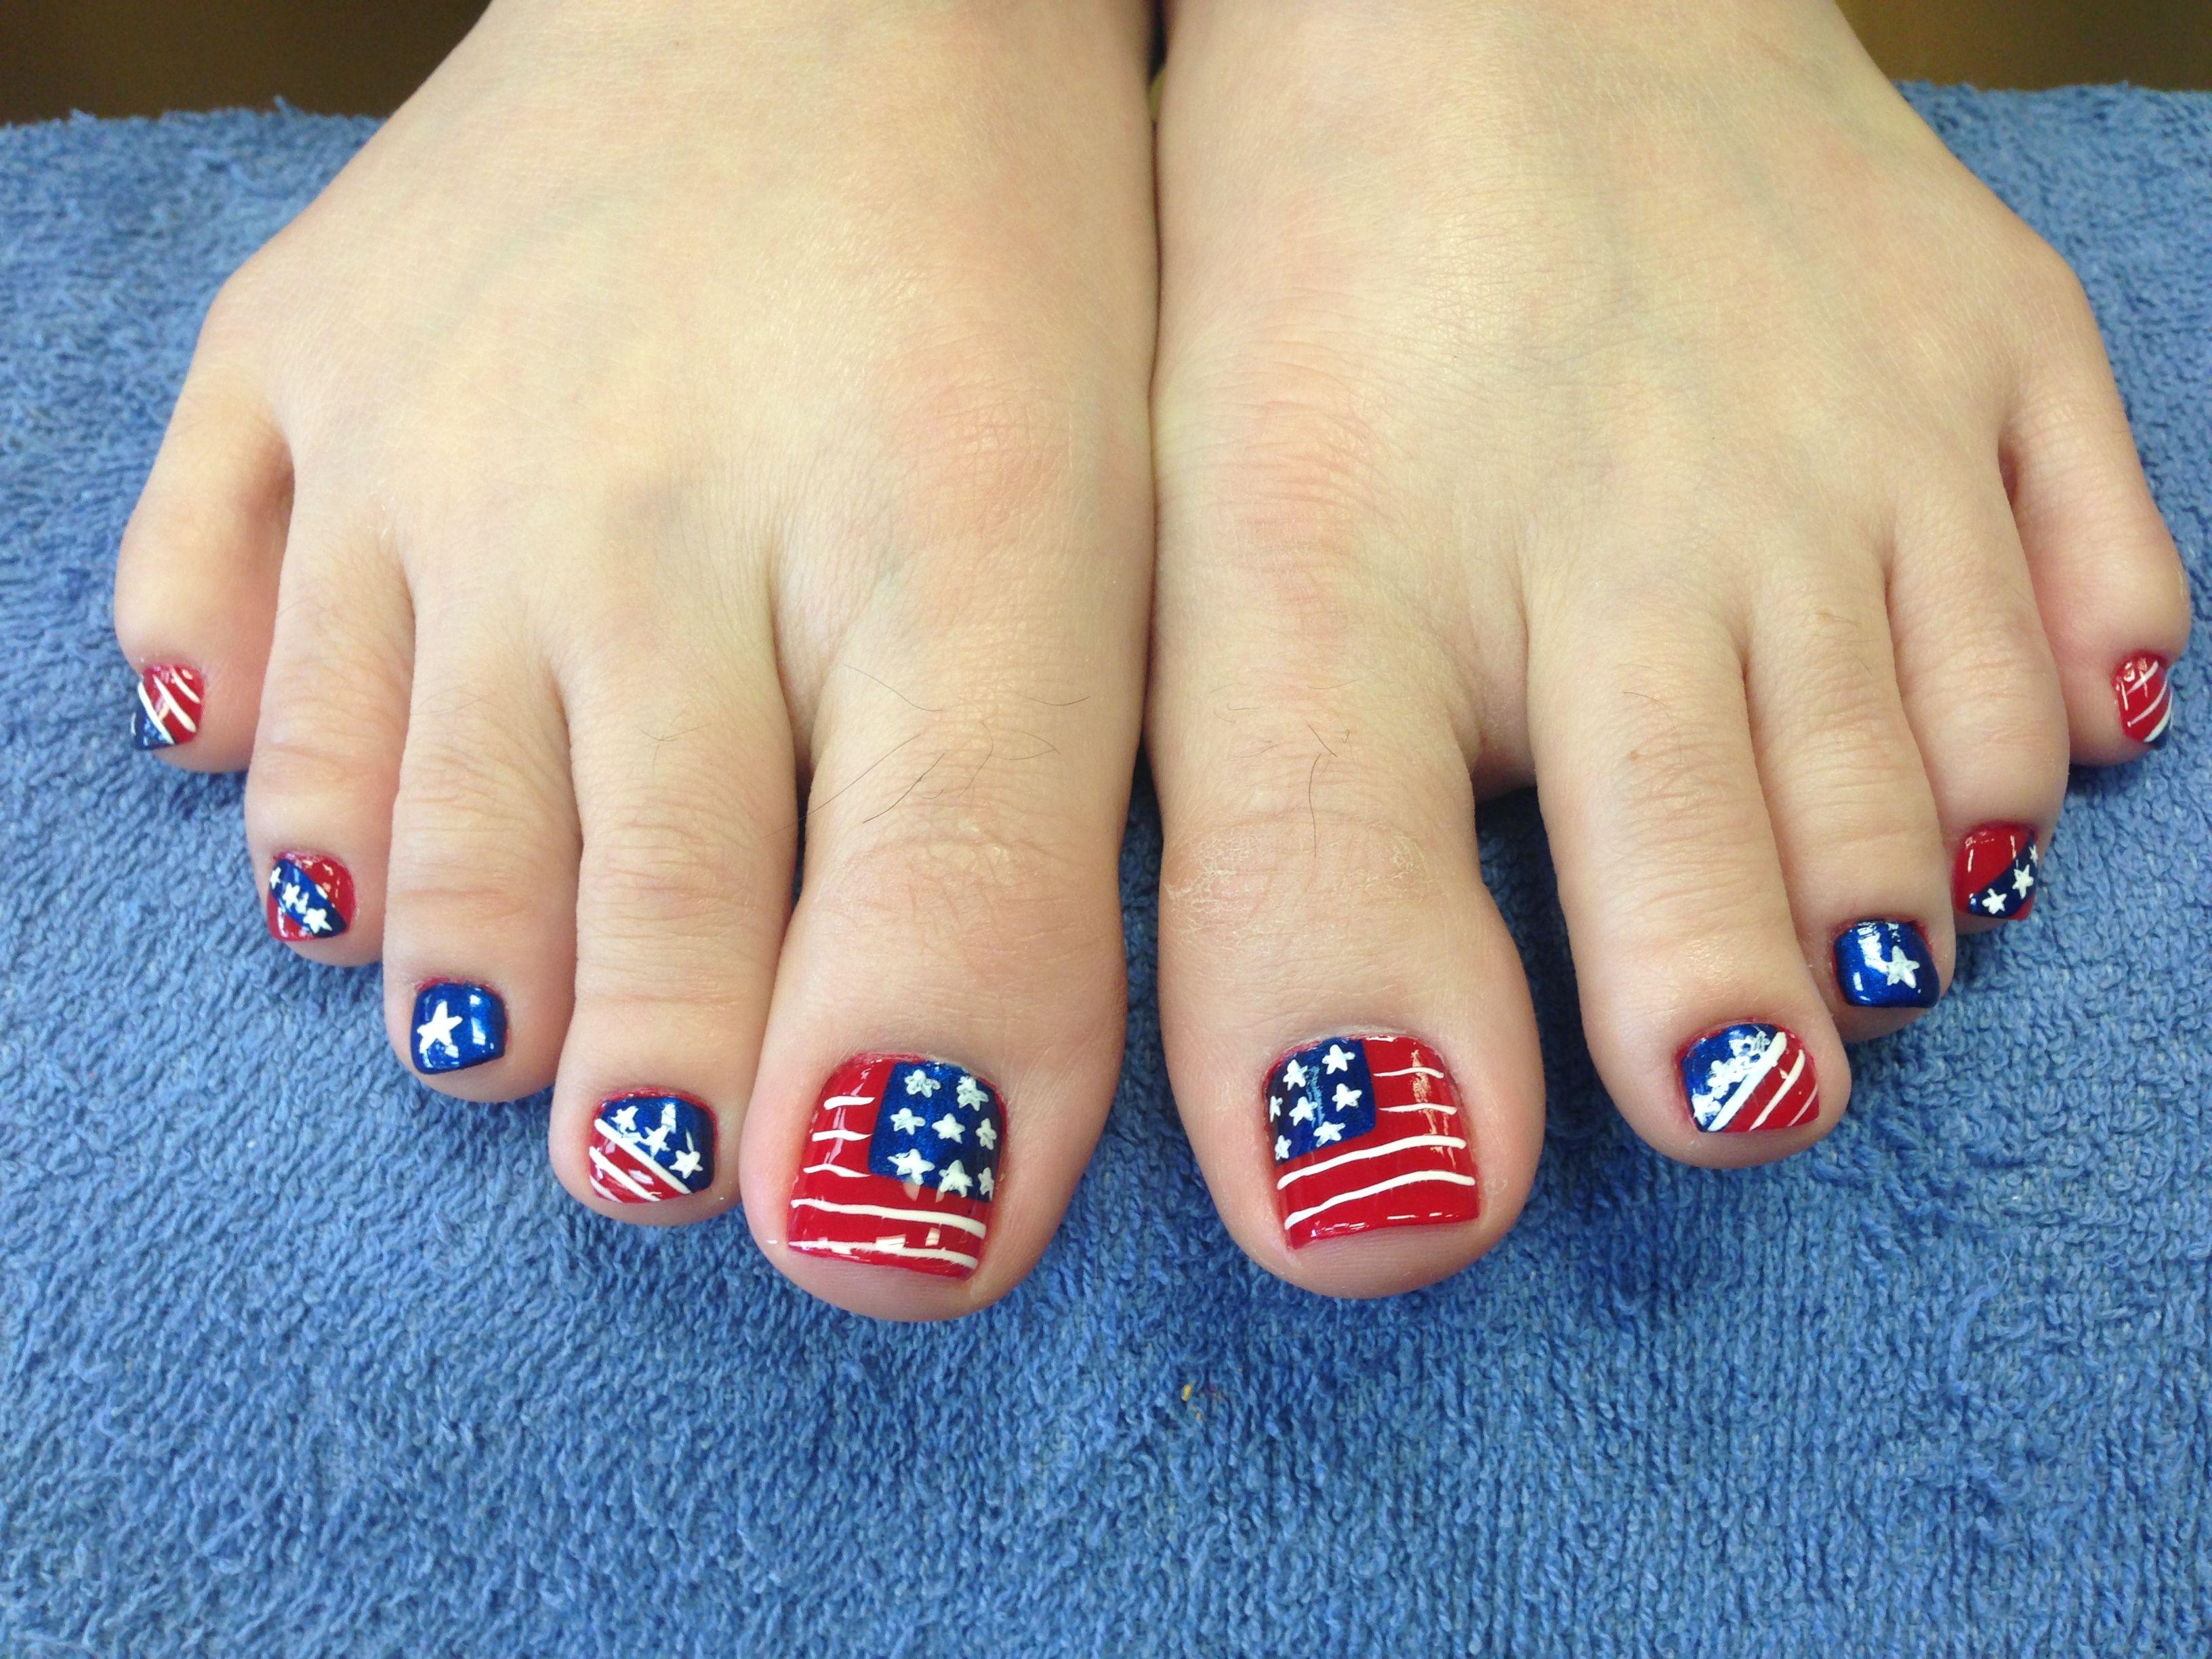 Sy Patriotic Toes Wonder Land Toe Nails